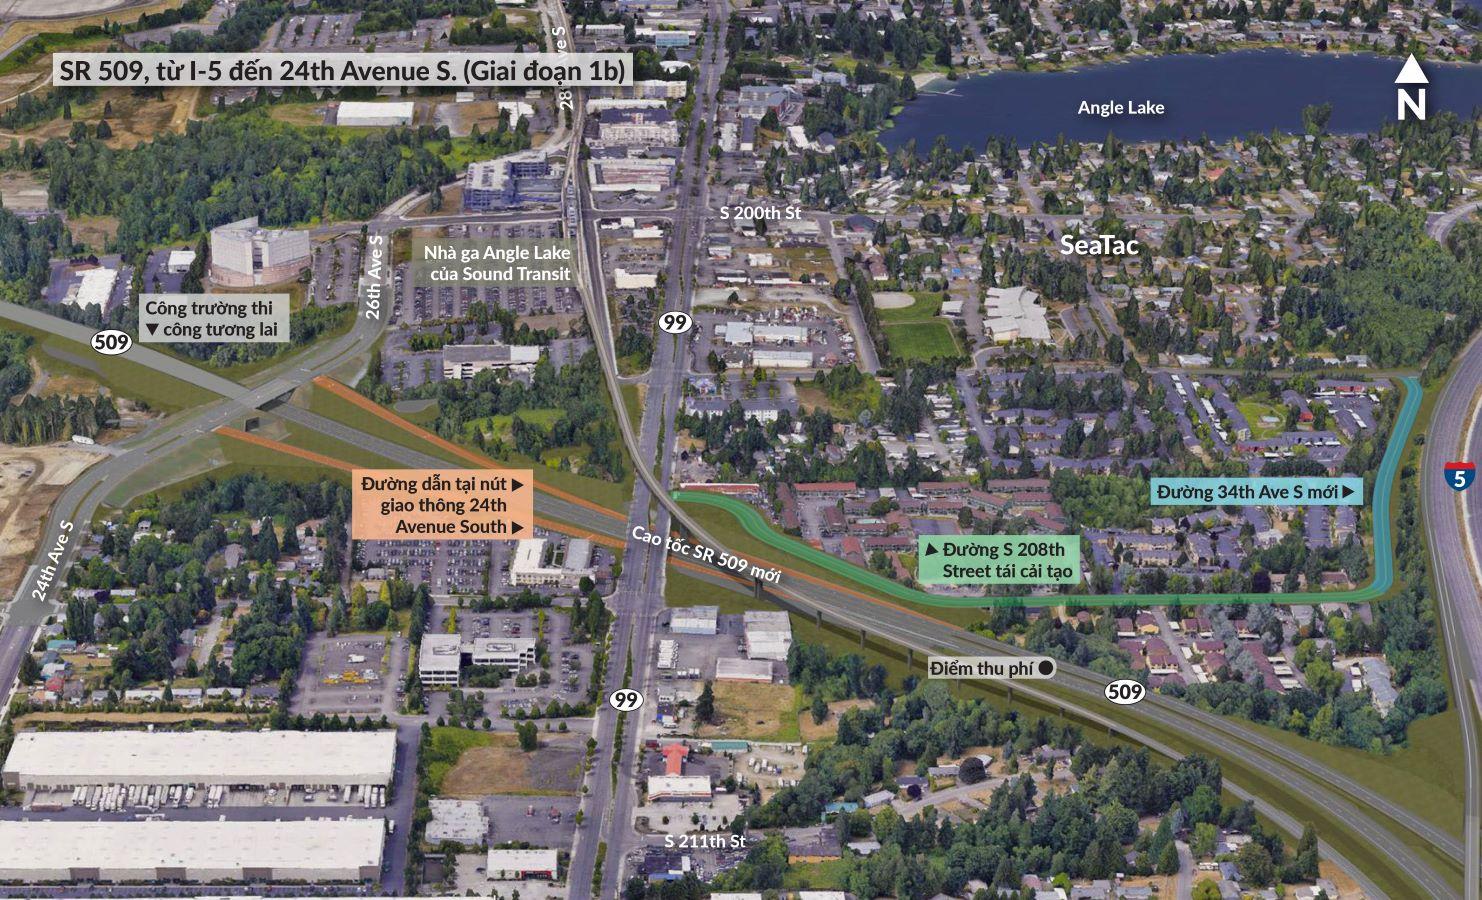 Nút giao thông 24th Avenue South